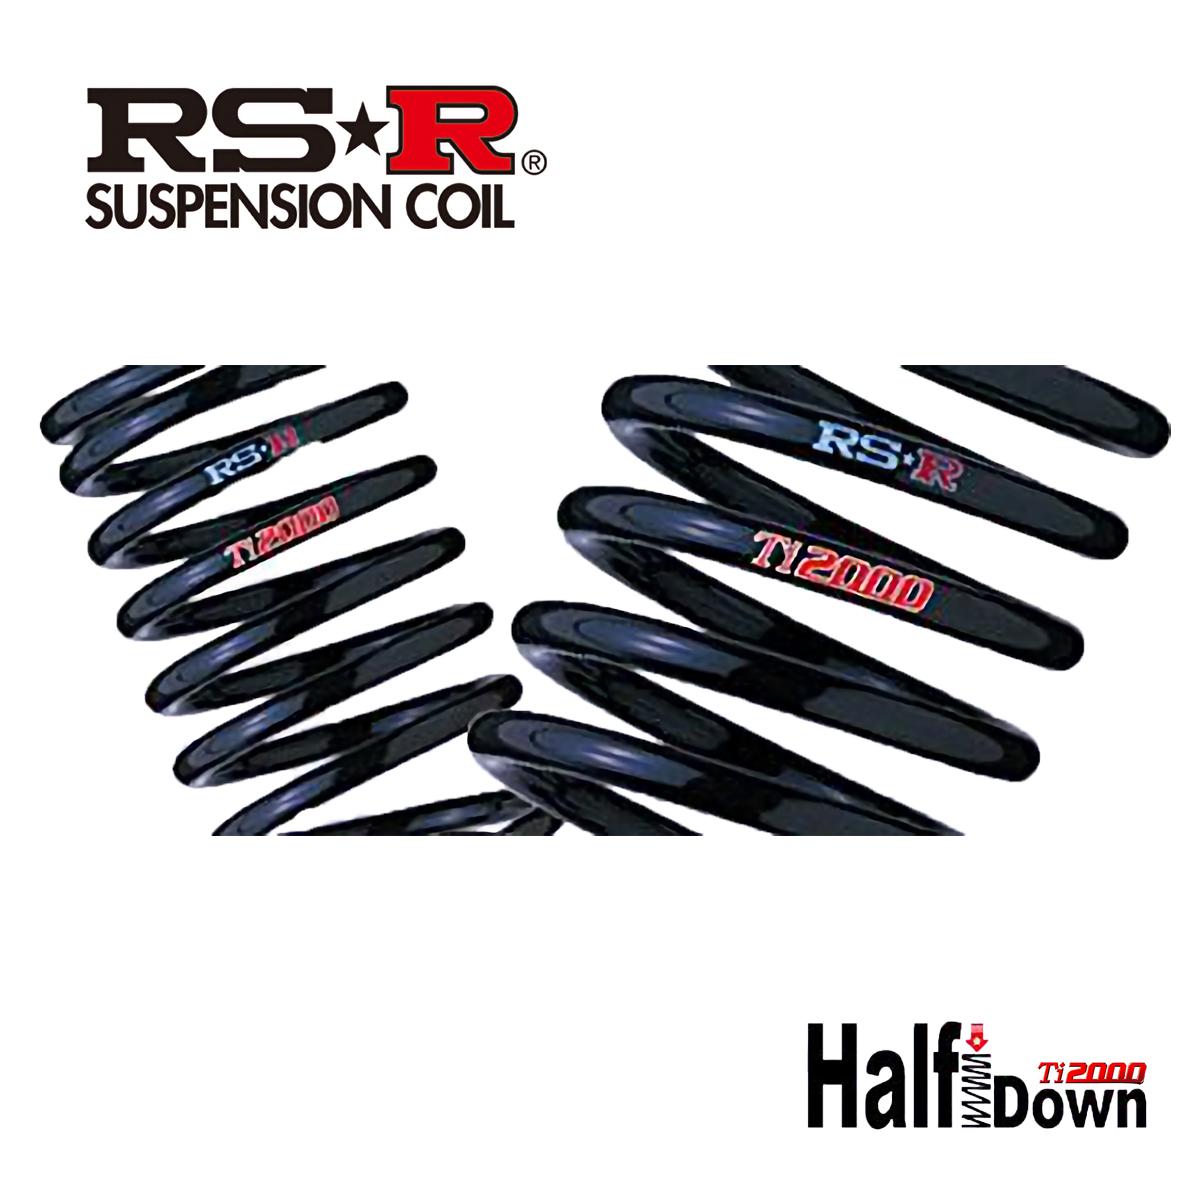 RS-R シフォン LA650F カスタムRS スマートアシスト ダウンサス スプリング 1台分 D401THD Ti2000 ハーフダウン RSR 個人宅発送追金有